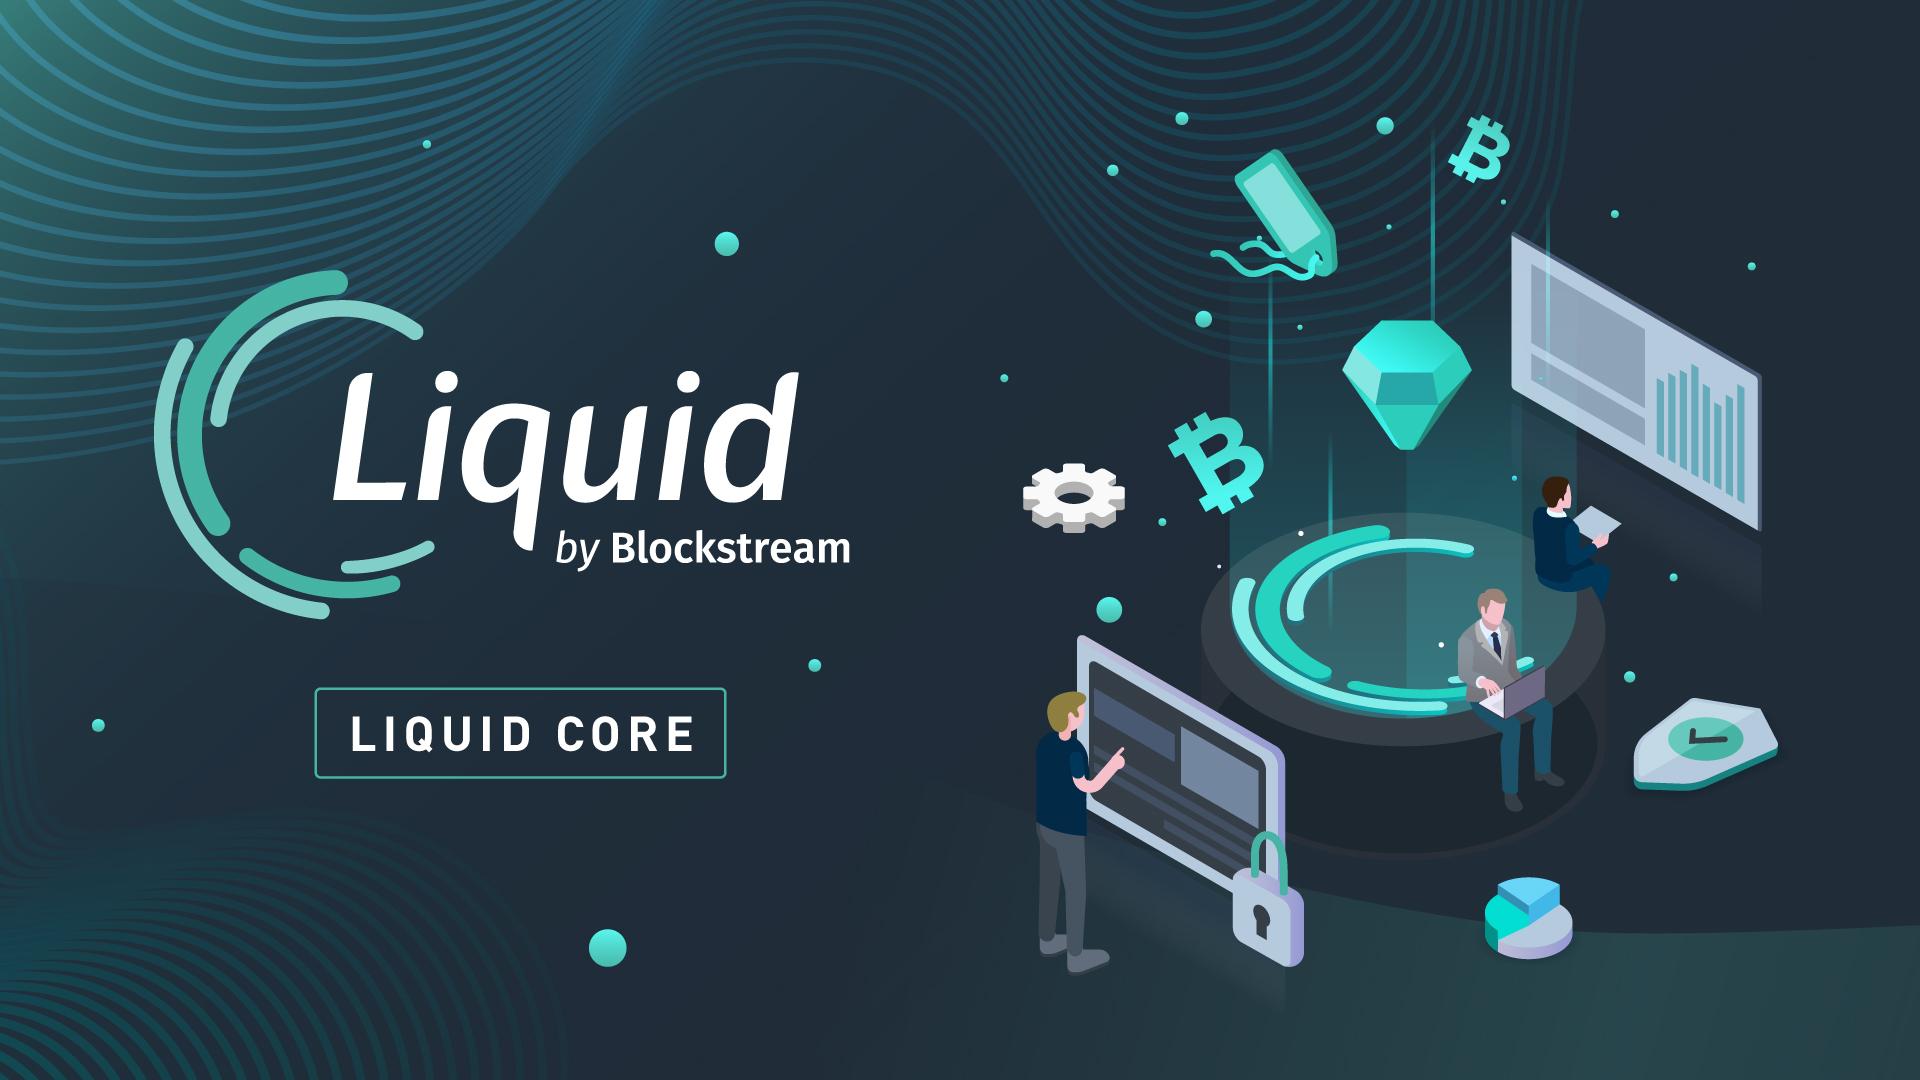 BitcoinサイドチェーンLiquid(Blockstream)触ってみた感想